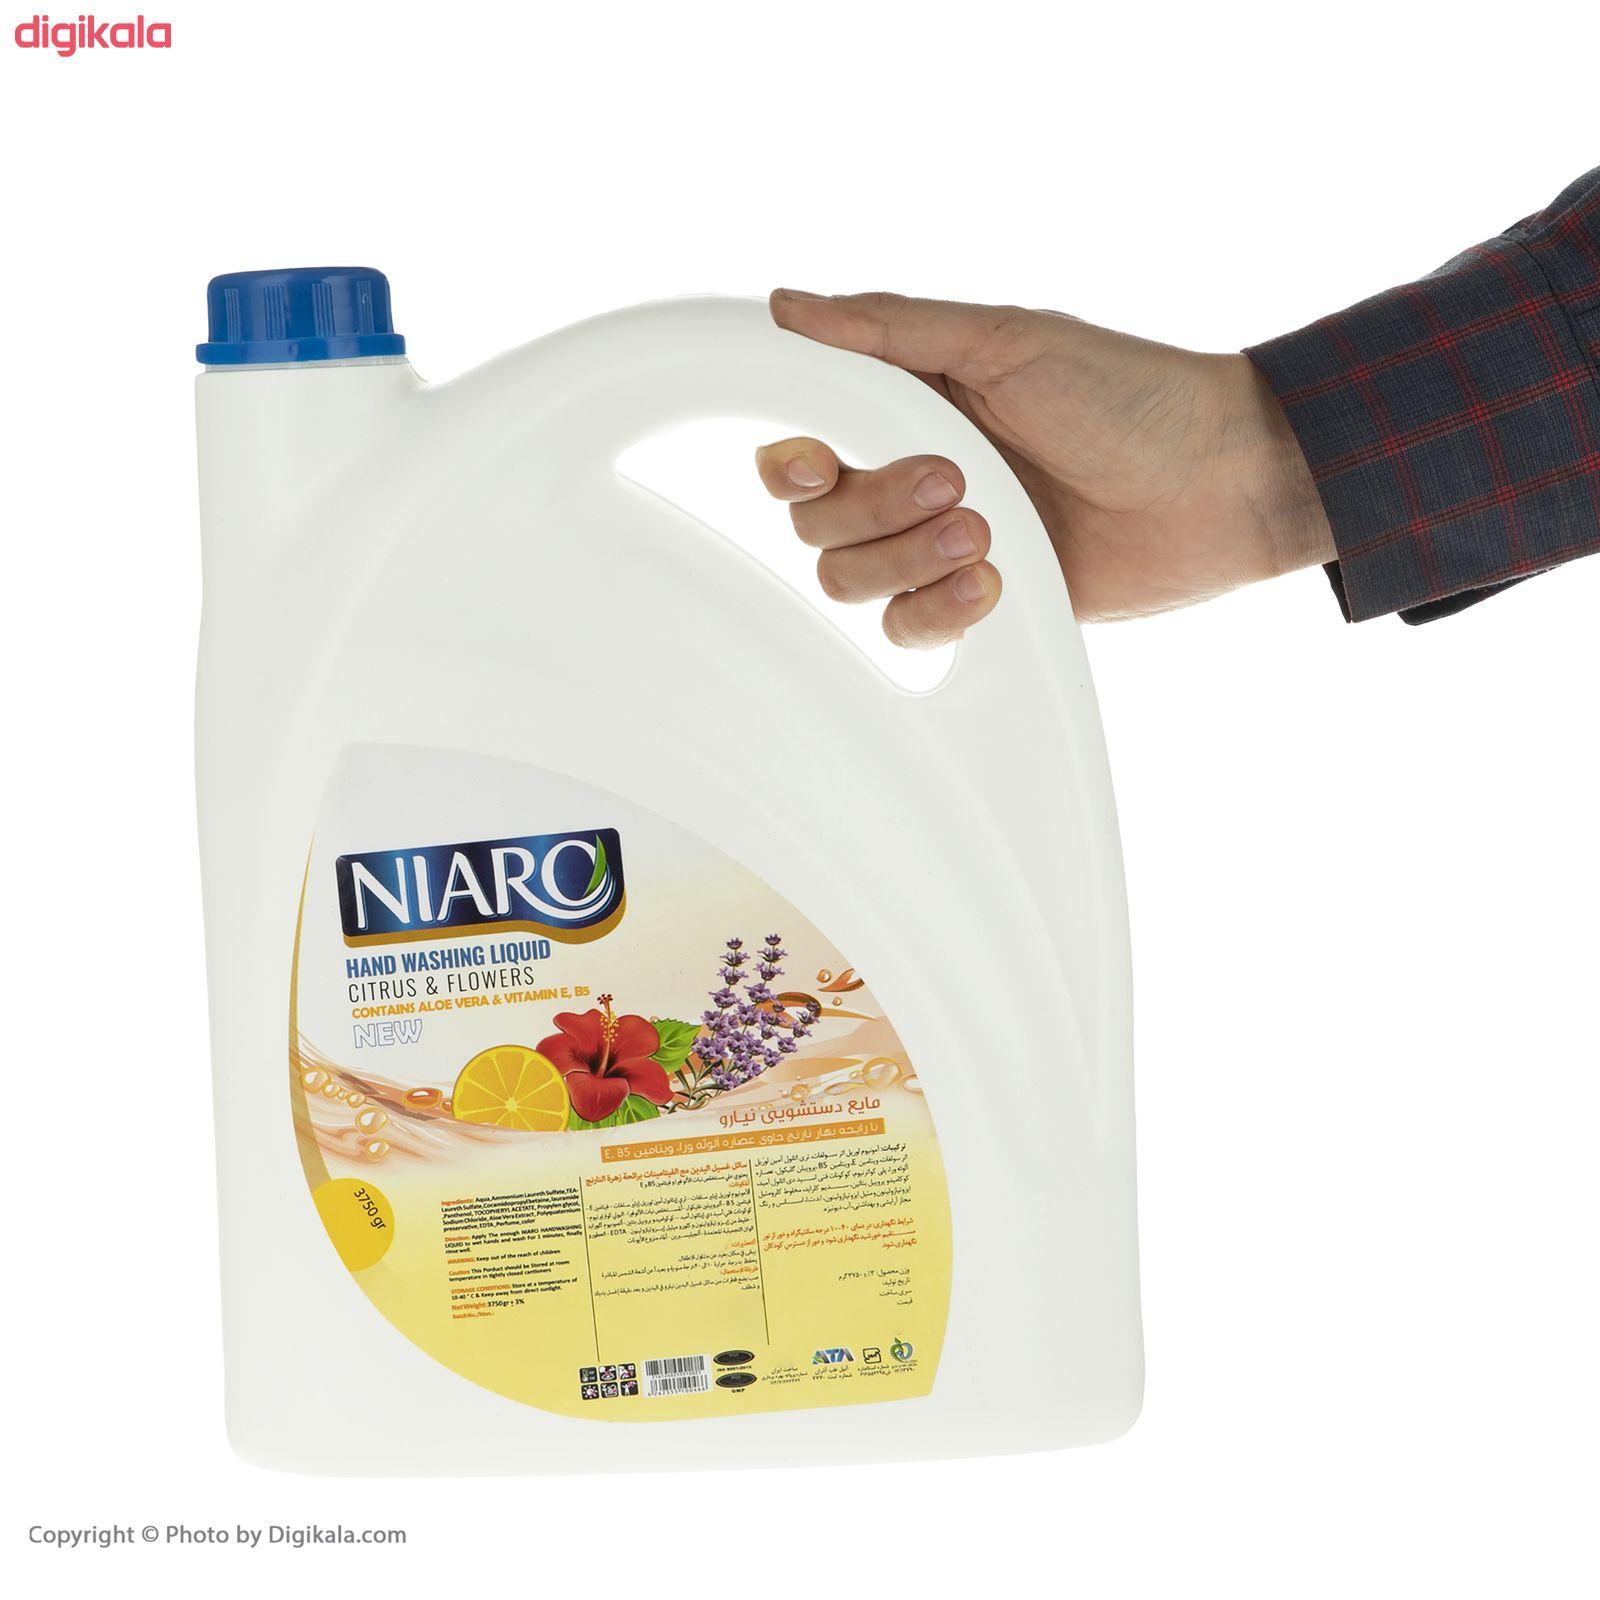 مایع دستشویی نیارو مدل بهارنارنج حجم 3750 گرم main 1 2